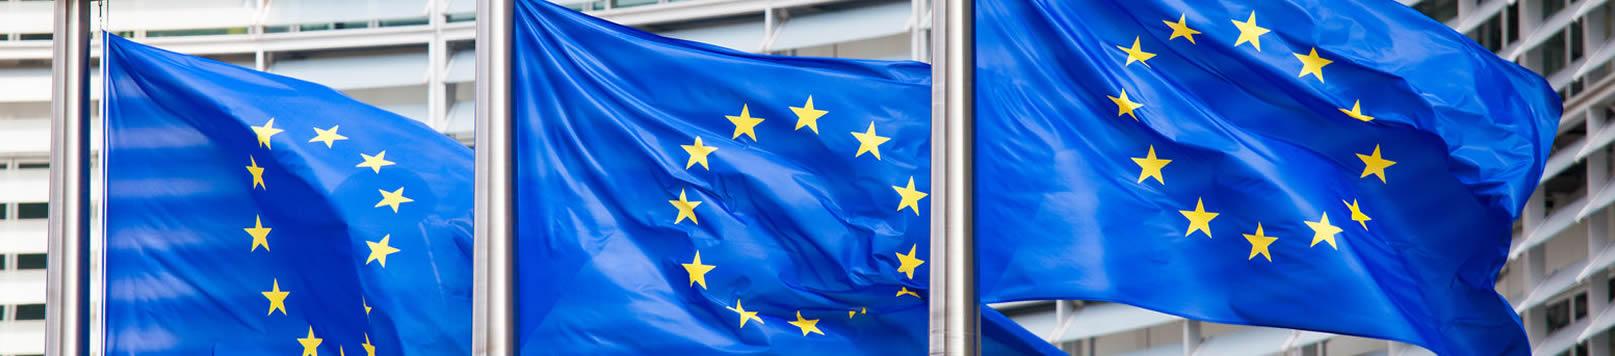 Ricerche nella Comunità Europeaa per Brevetti Modelli e Marchi Massa Carrara